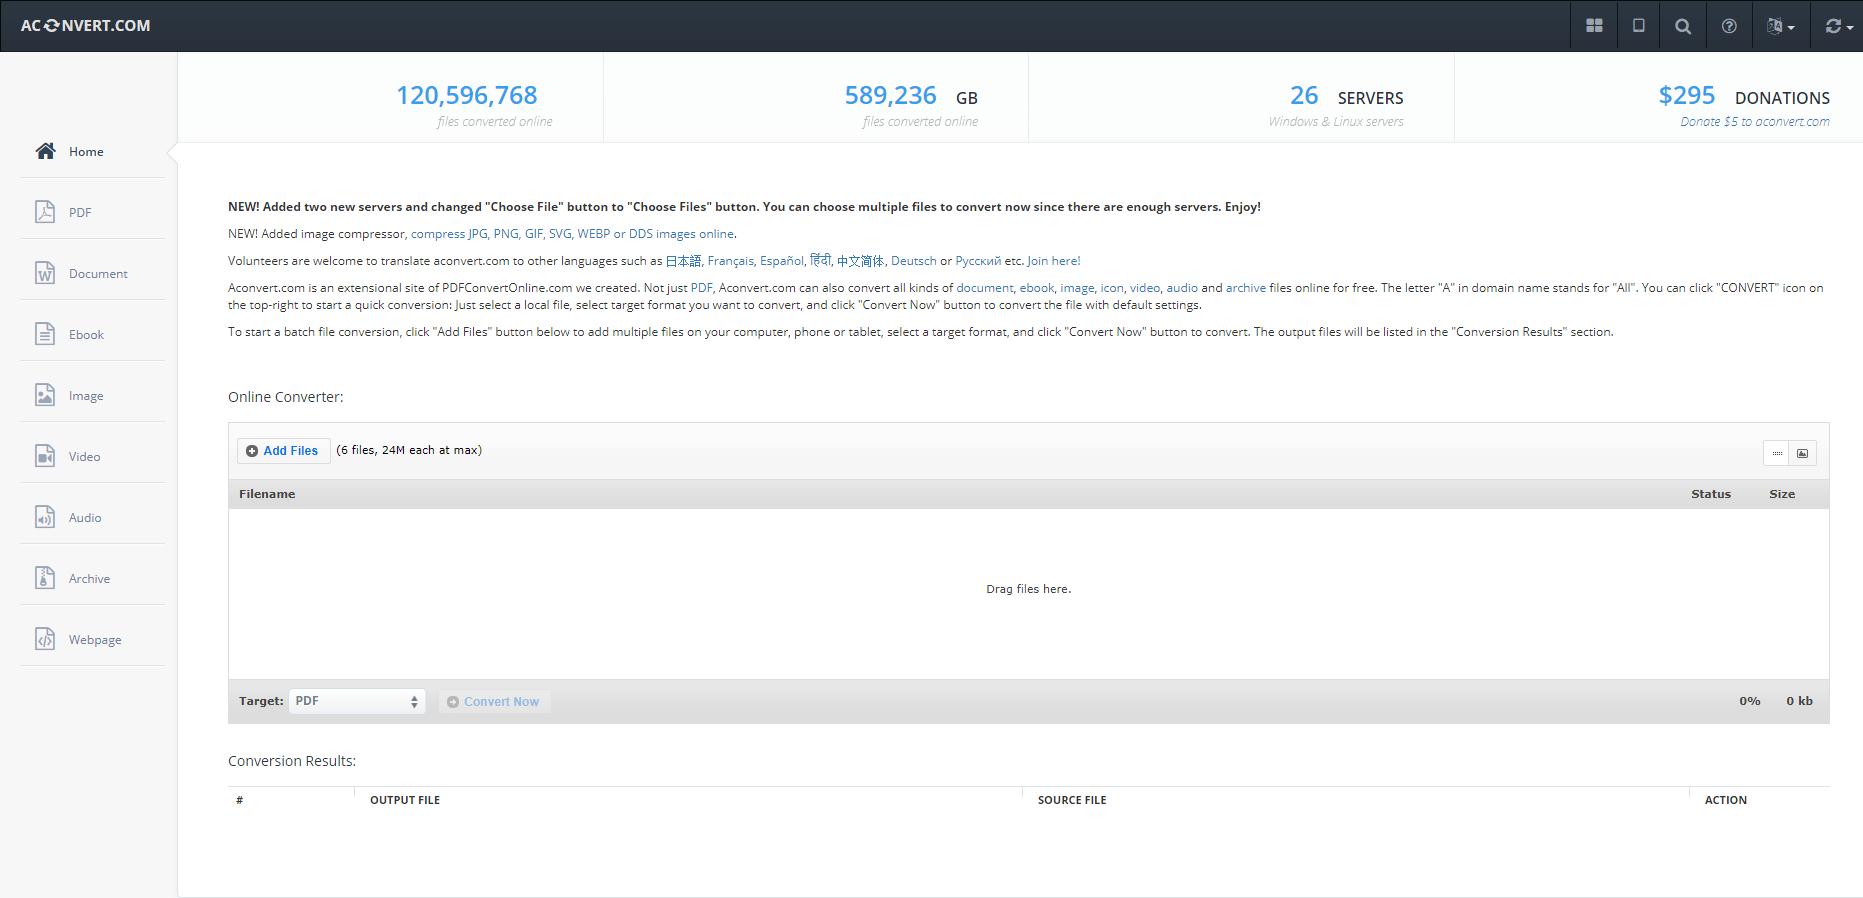 aconvert.com